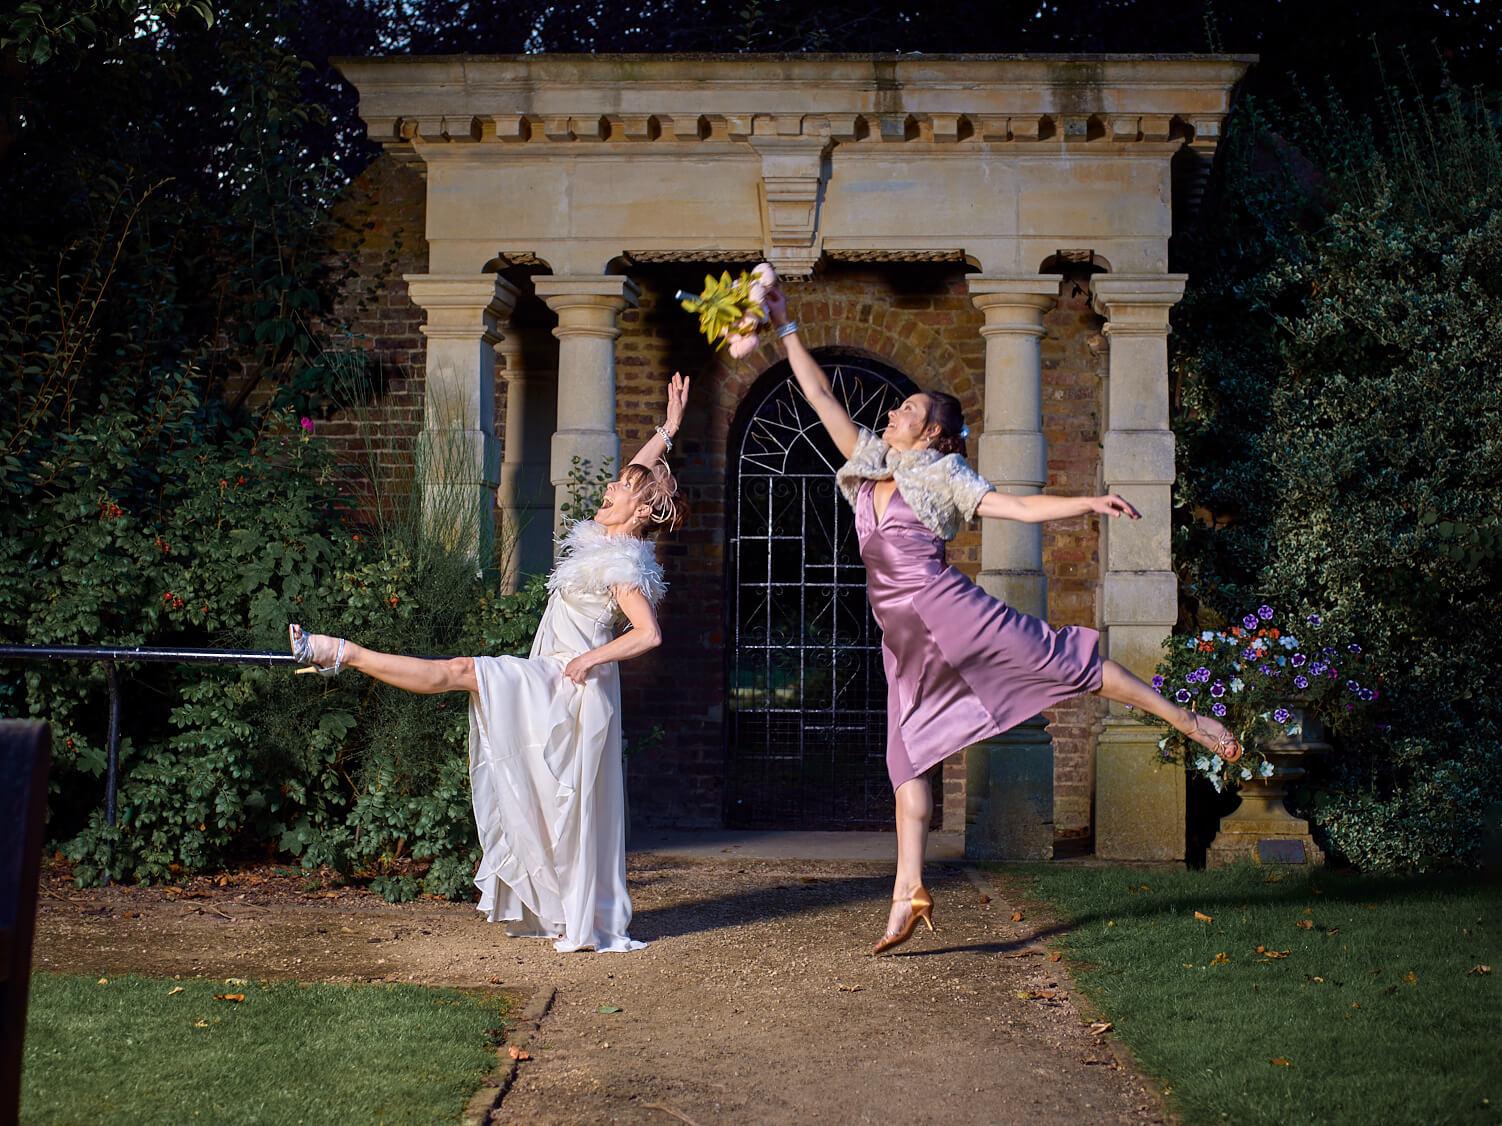 Heather Craig dancing in costume in a garden